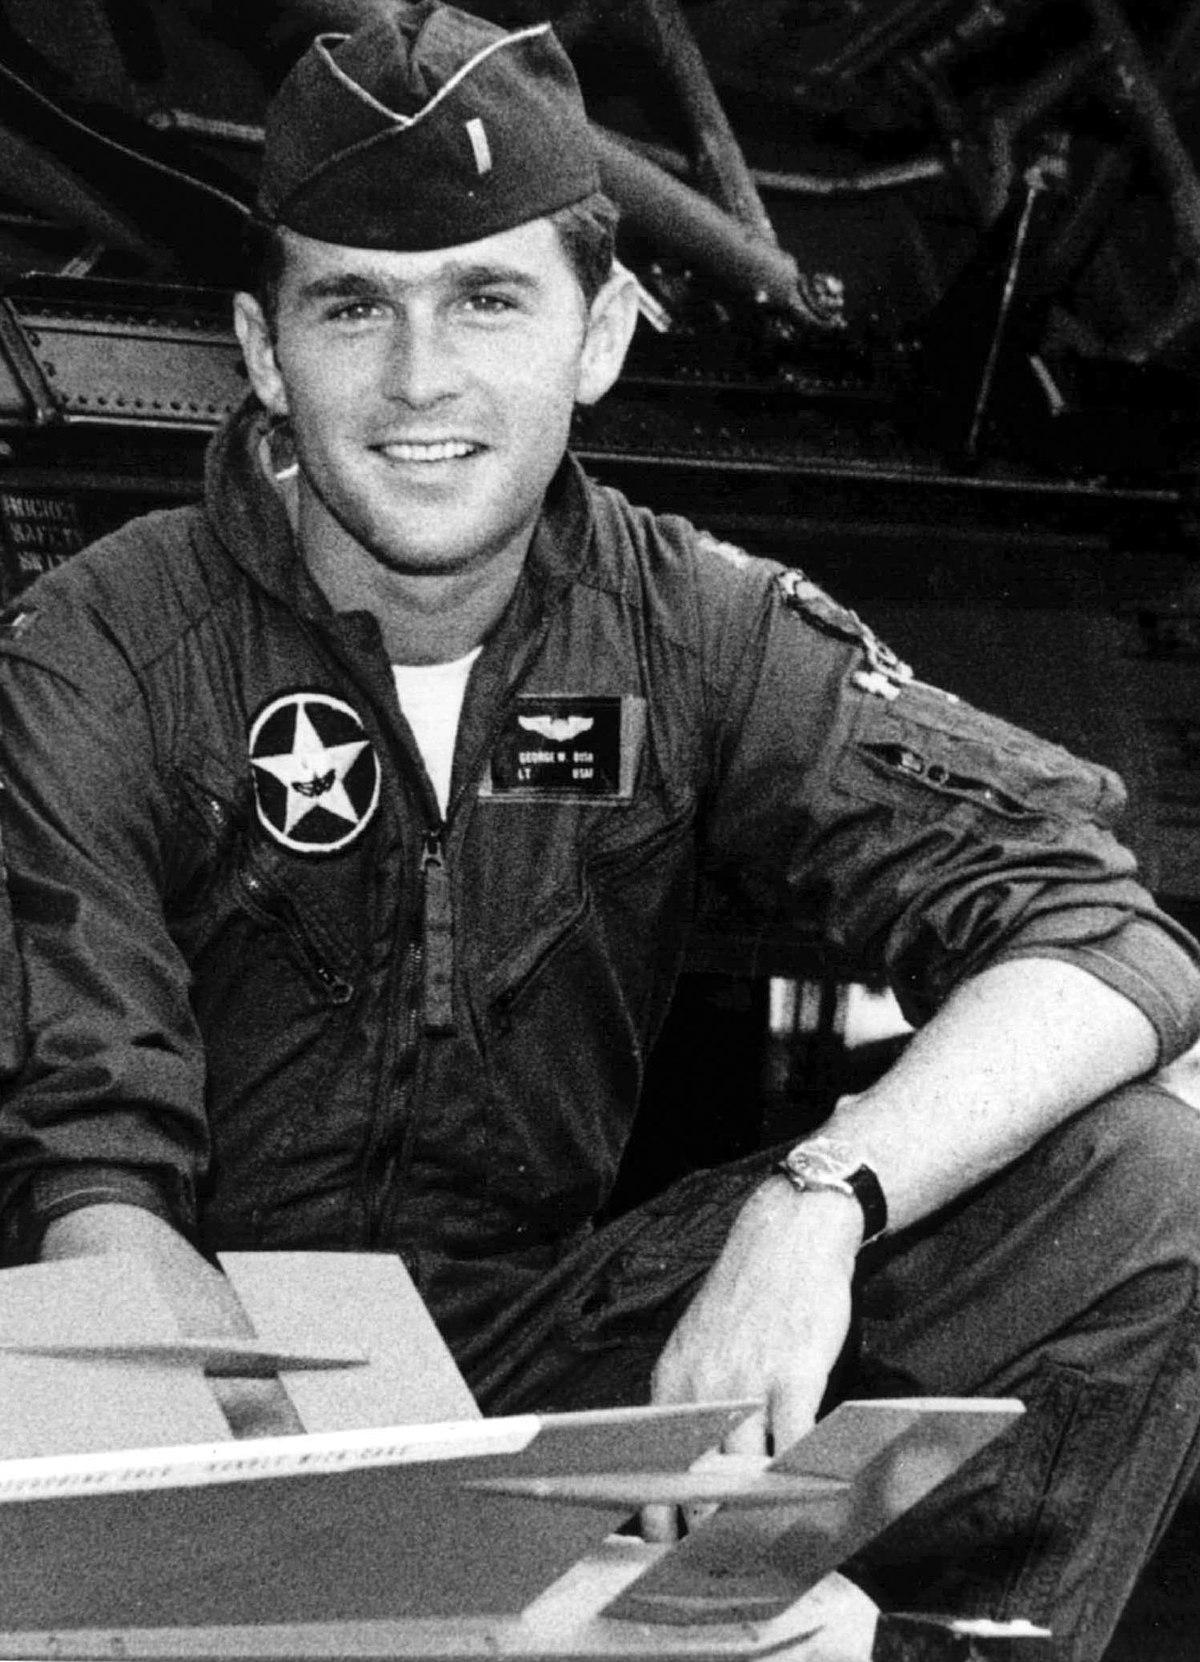 George W. Bush military service controversy - Wikipedia